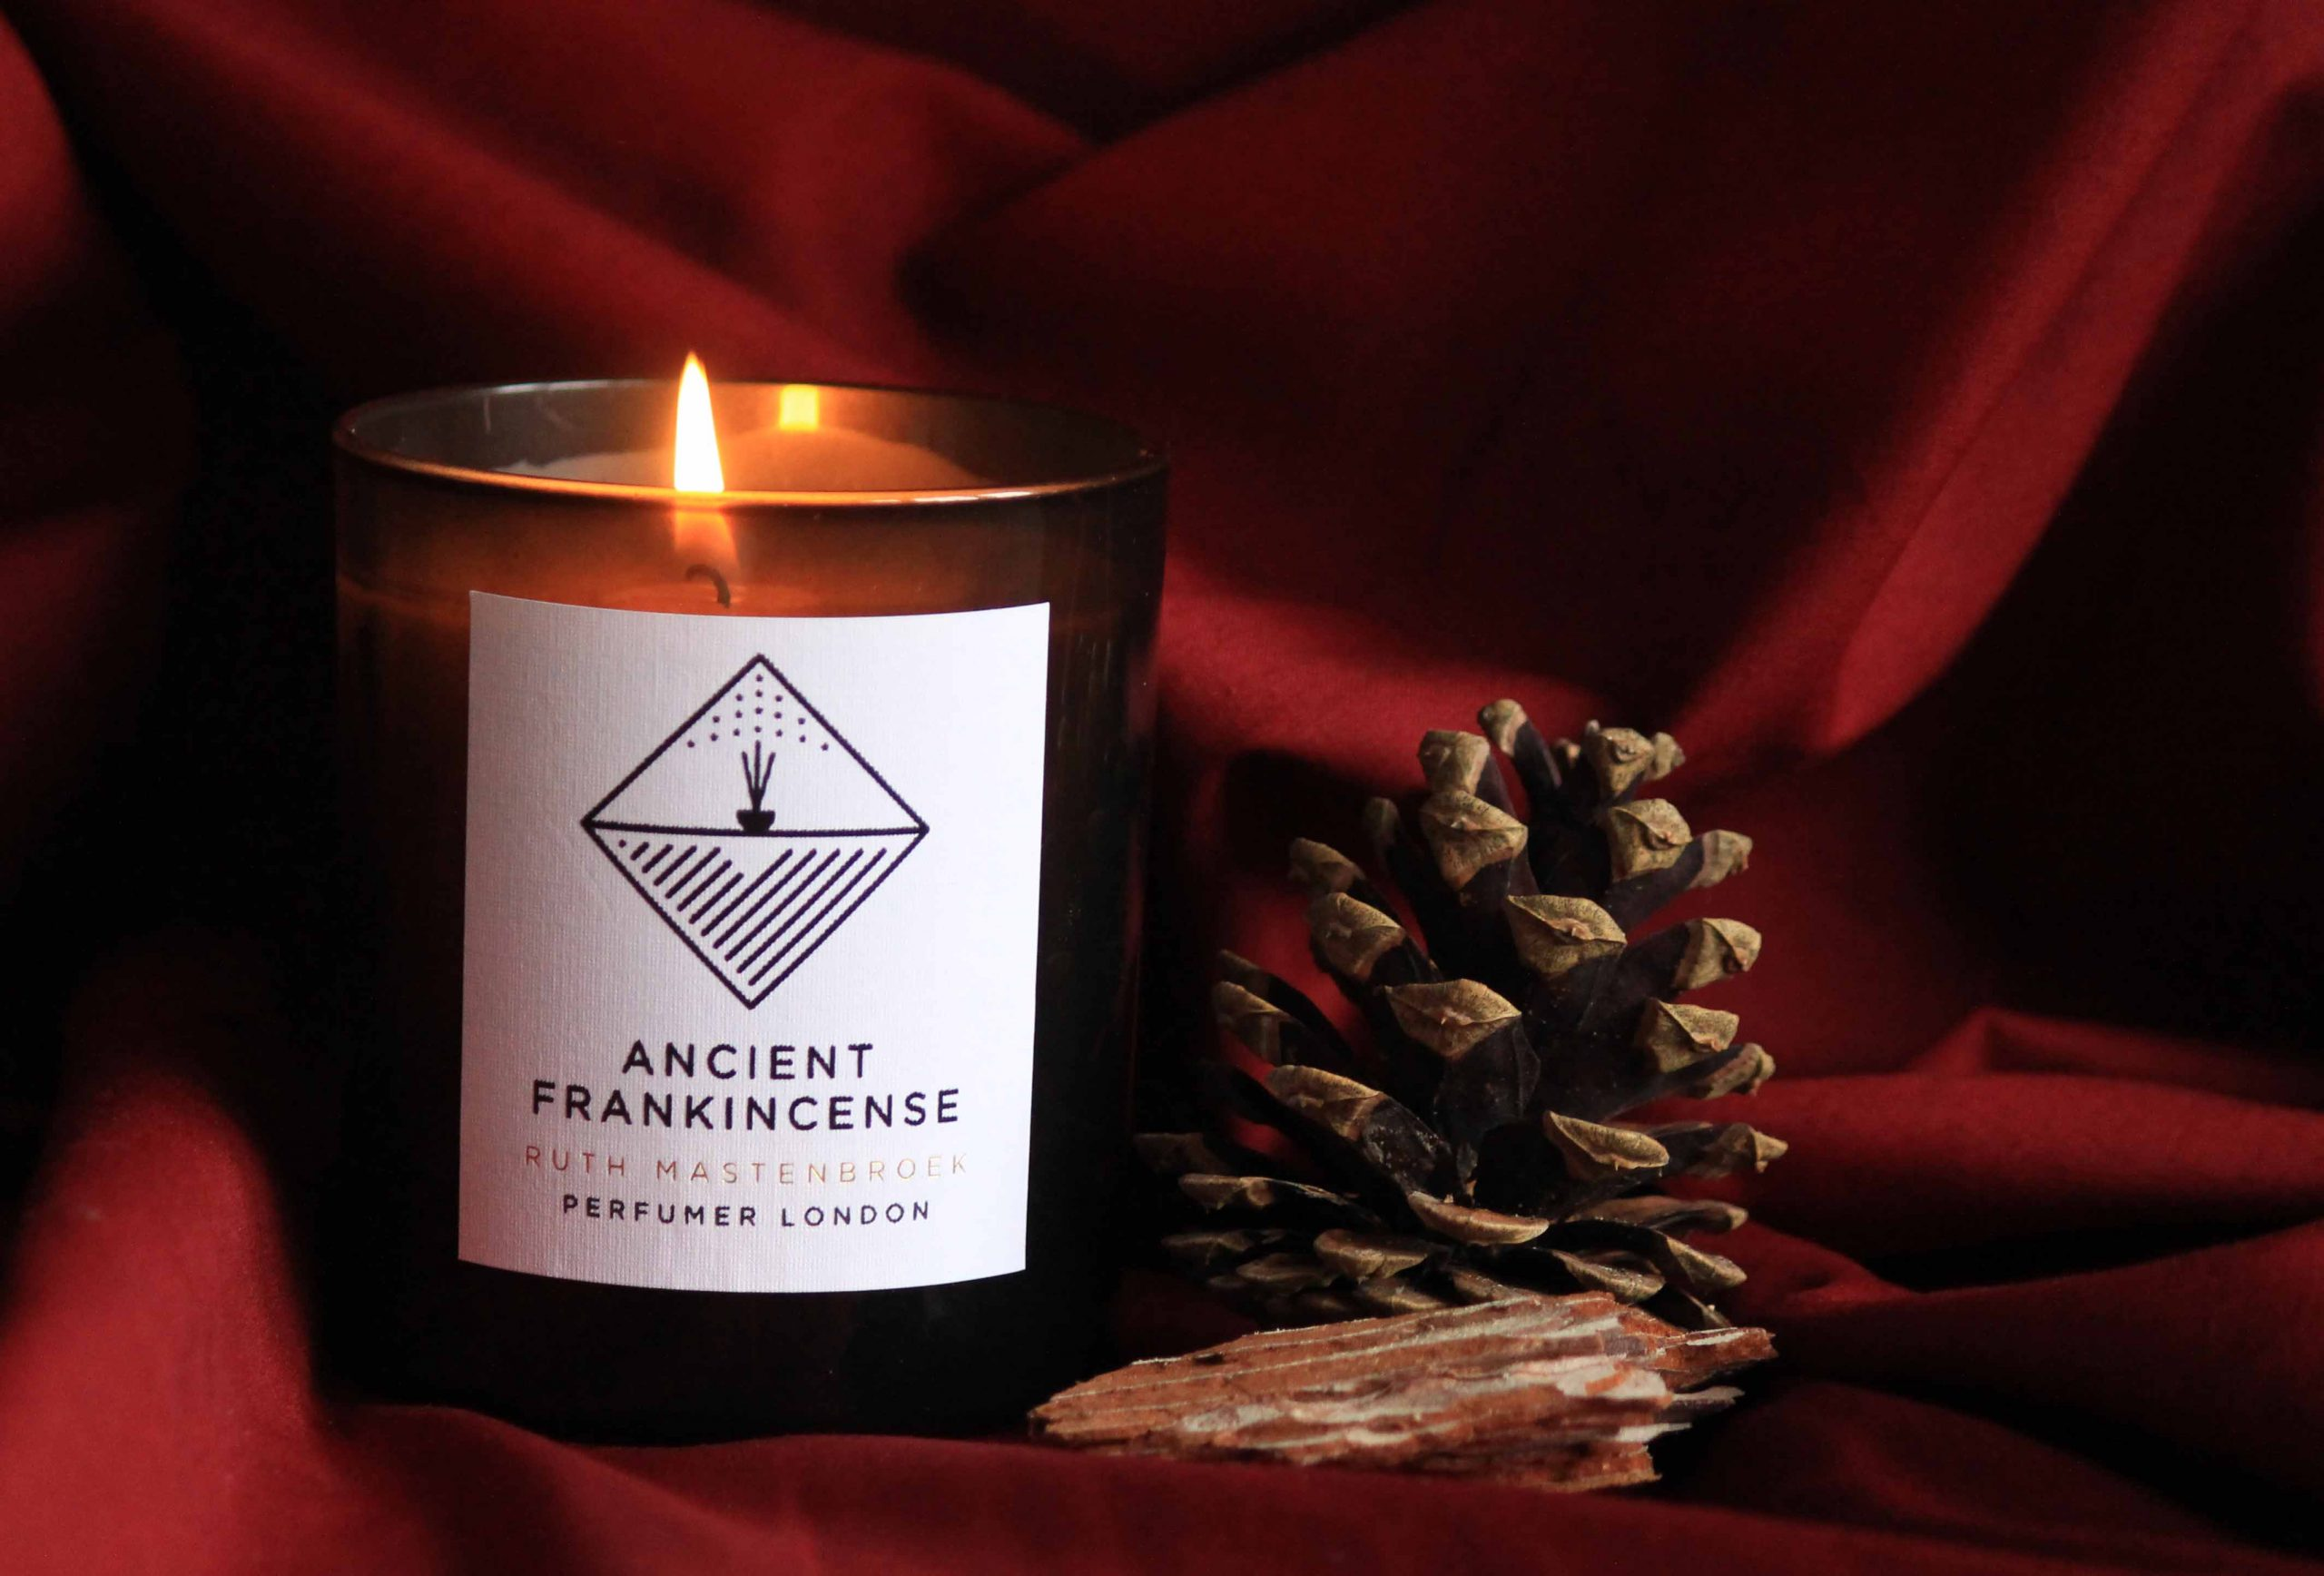 Ancient Frankincense at Christmas